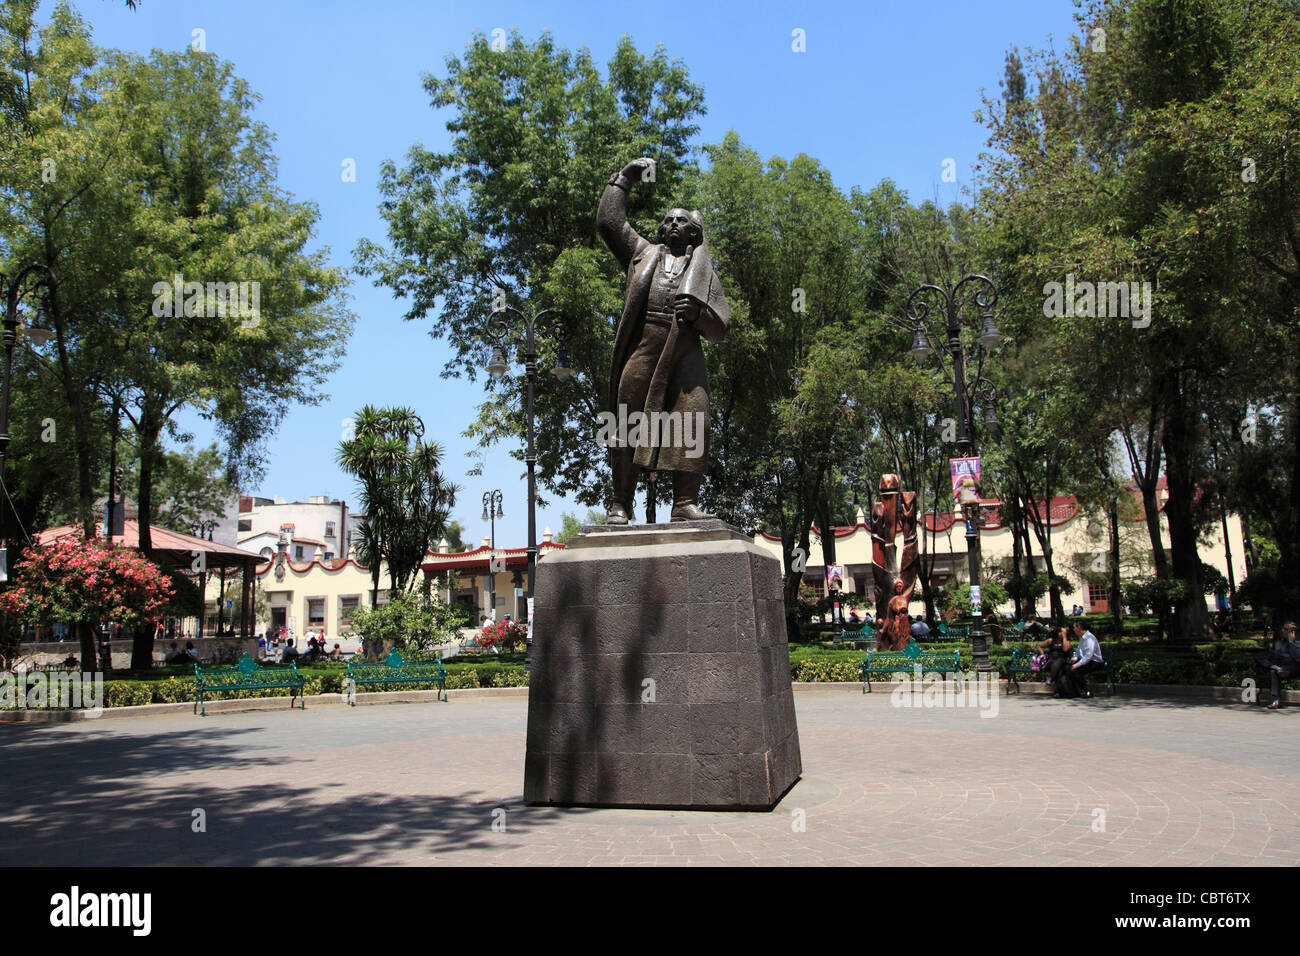 Statue Of Miguel Hidalgo Plaza Hidalgo Coyoacan Mexico City